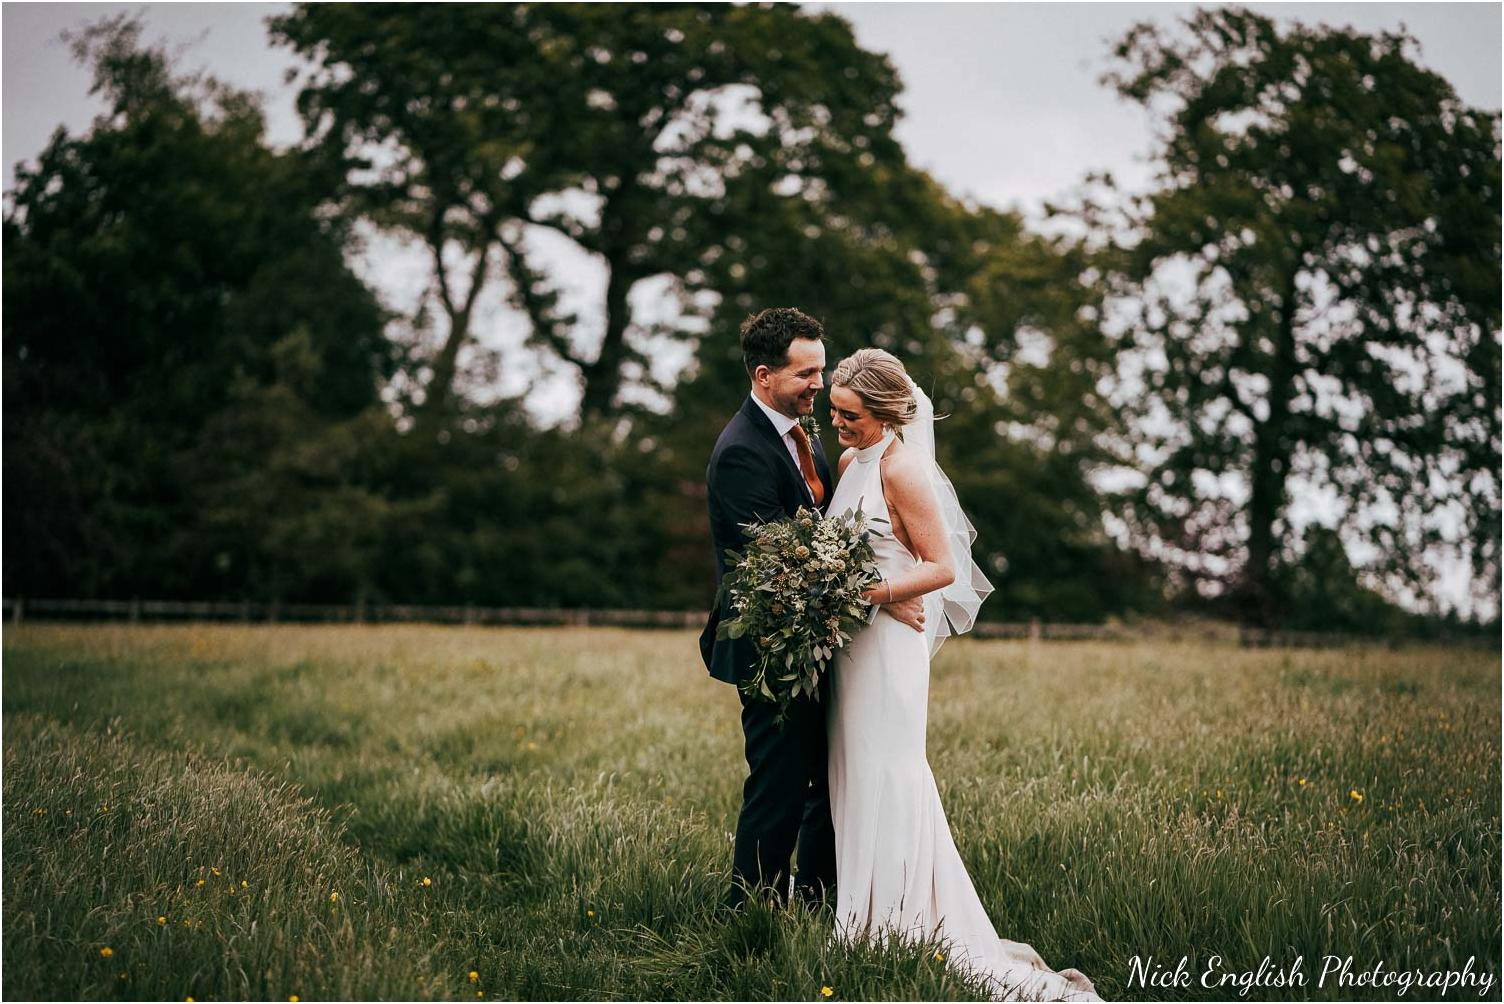 Browsholme_Hall_Wedding_Photograph-238.jpg